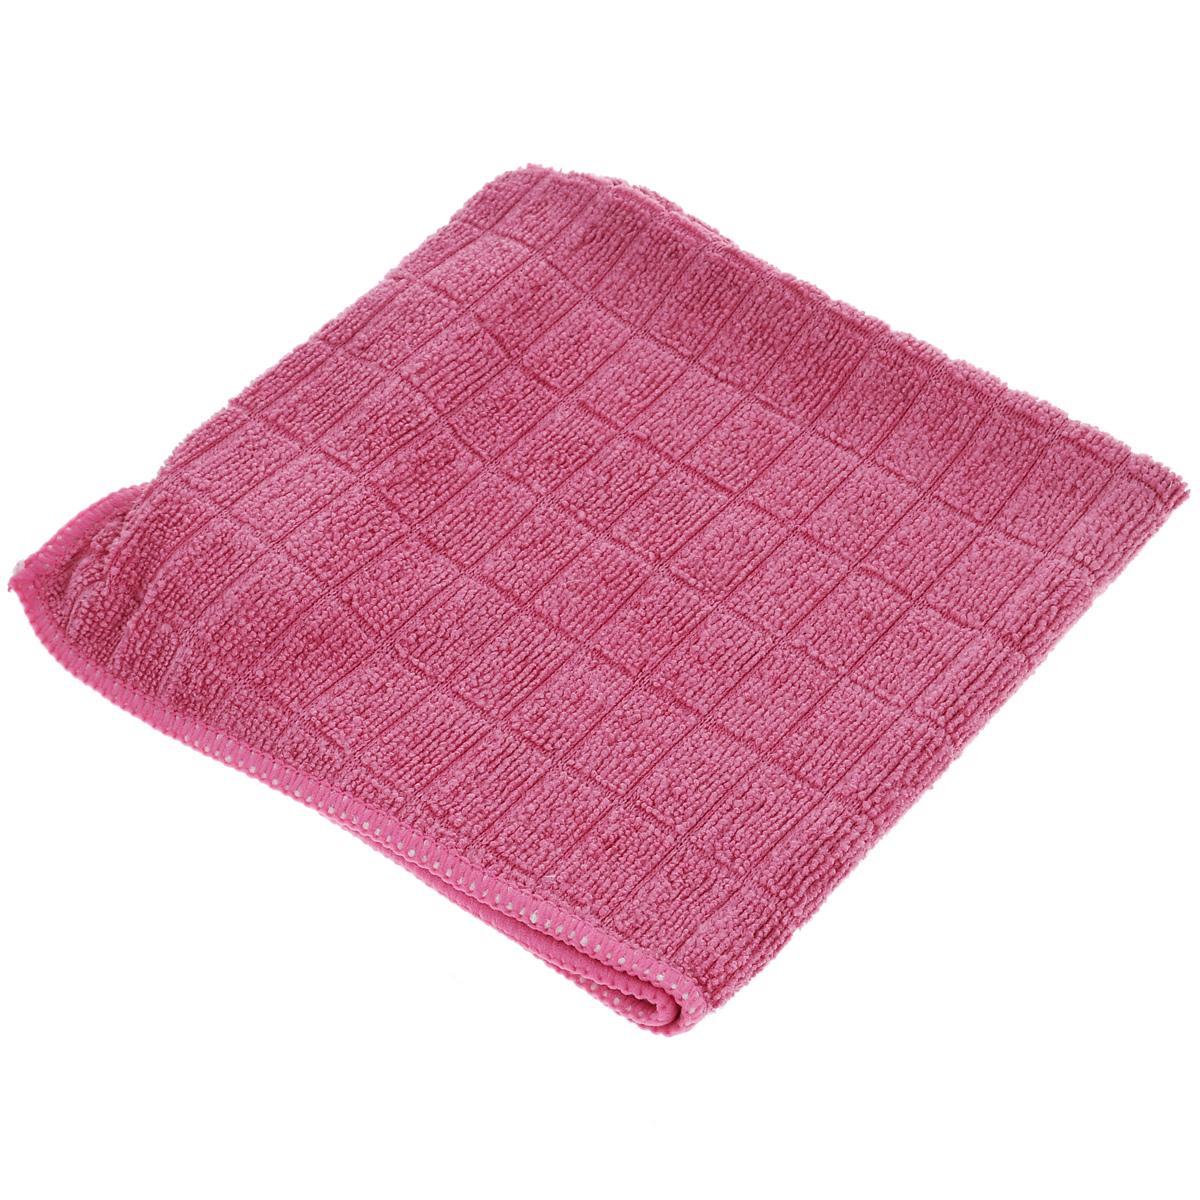 Салфетка от пыли Помощница Гламур, цвет: розовый, 30 см х 30 смЕ487 розовыйСалфетка Помощница Гламур, изготовленная из микрофибры (полиамид, полиэфир), предназначена для очищения загрязнений на любых поверхностях. Изделие обладает высокой износоустойчивостью и рассчитано на многократное использование, легко моется в теплой воде с мягкими чистящими средствами. Супервпитывающая салфетка не оставляет разводов и ворсинок, удаляет большинство жирных и маслянистых загрязнений без использования химических средств.